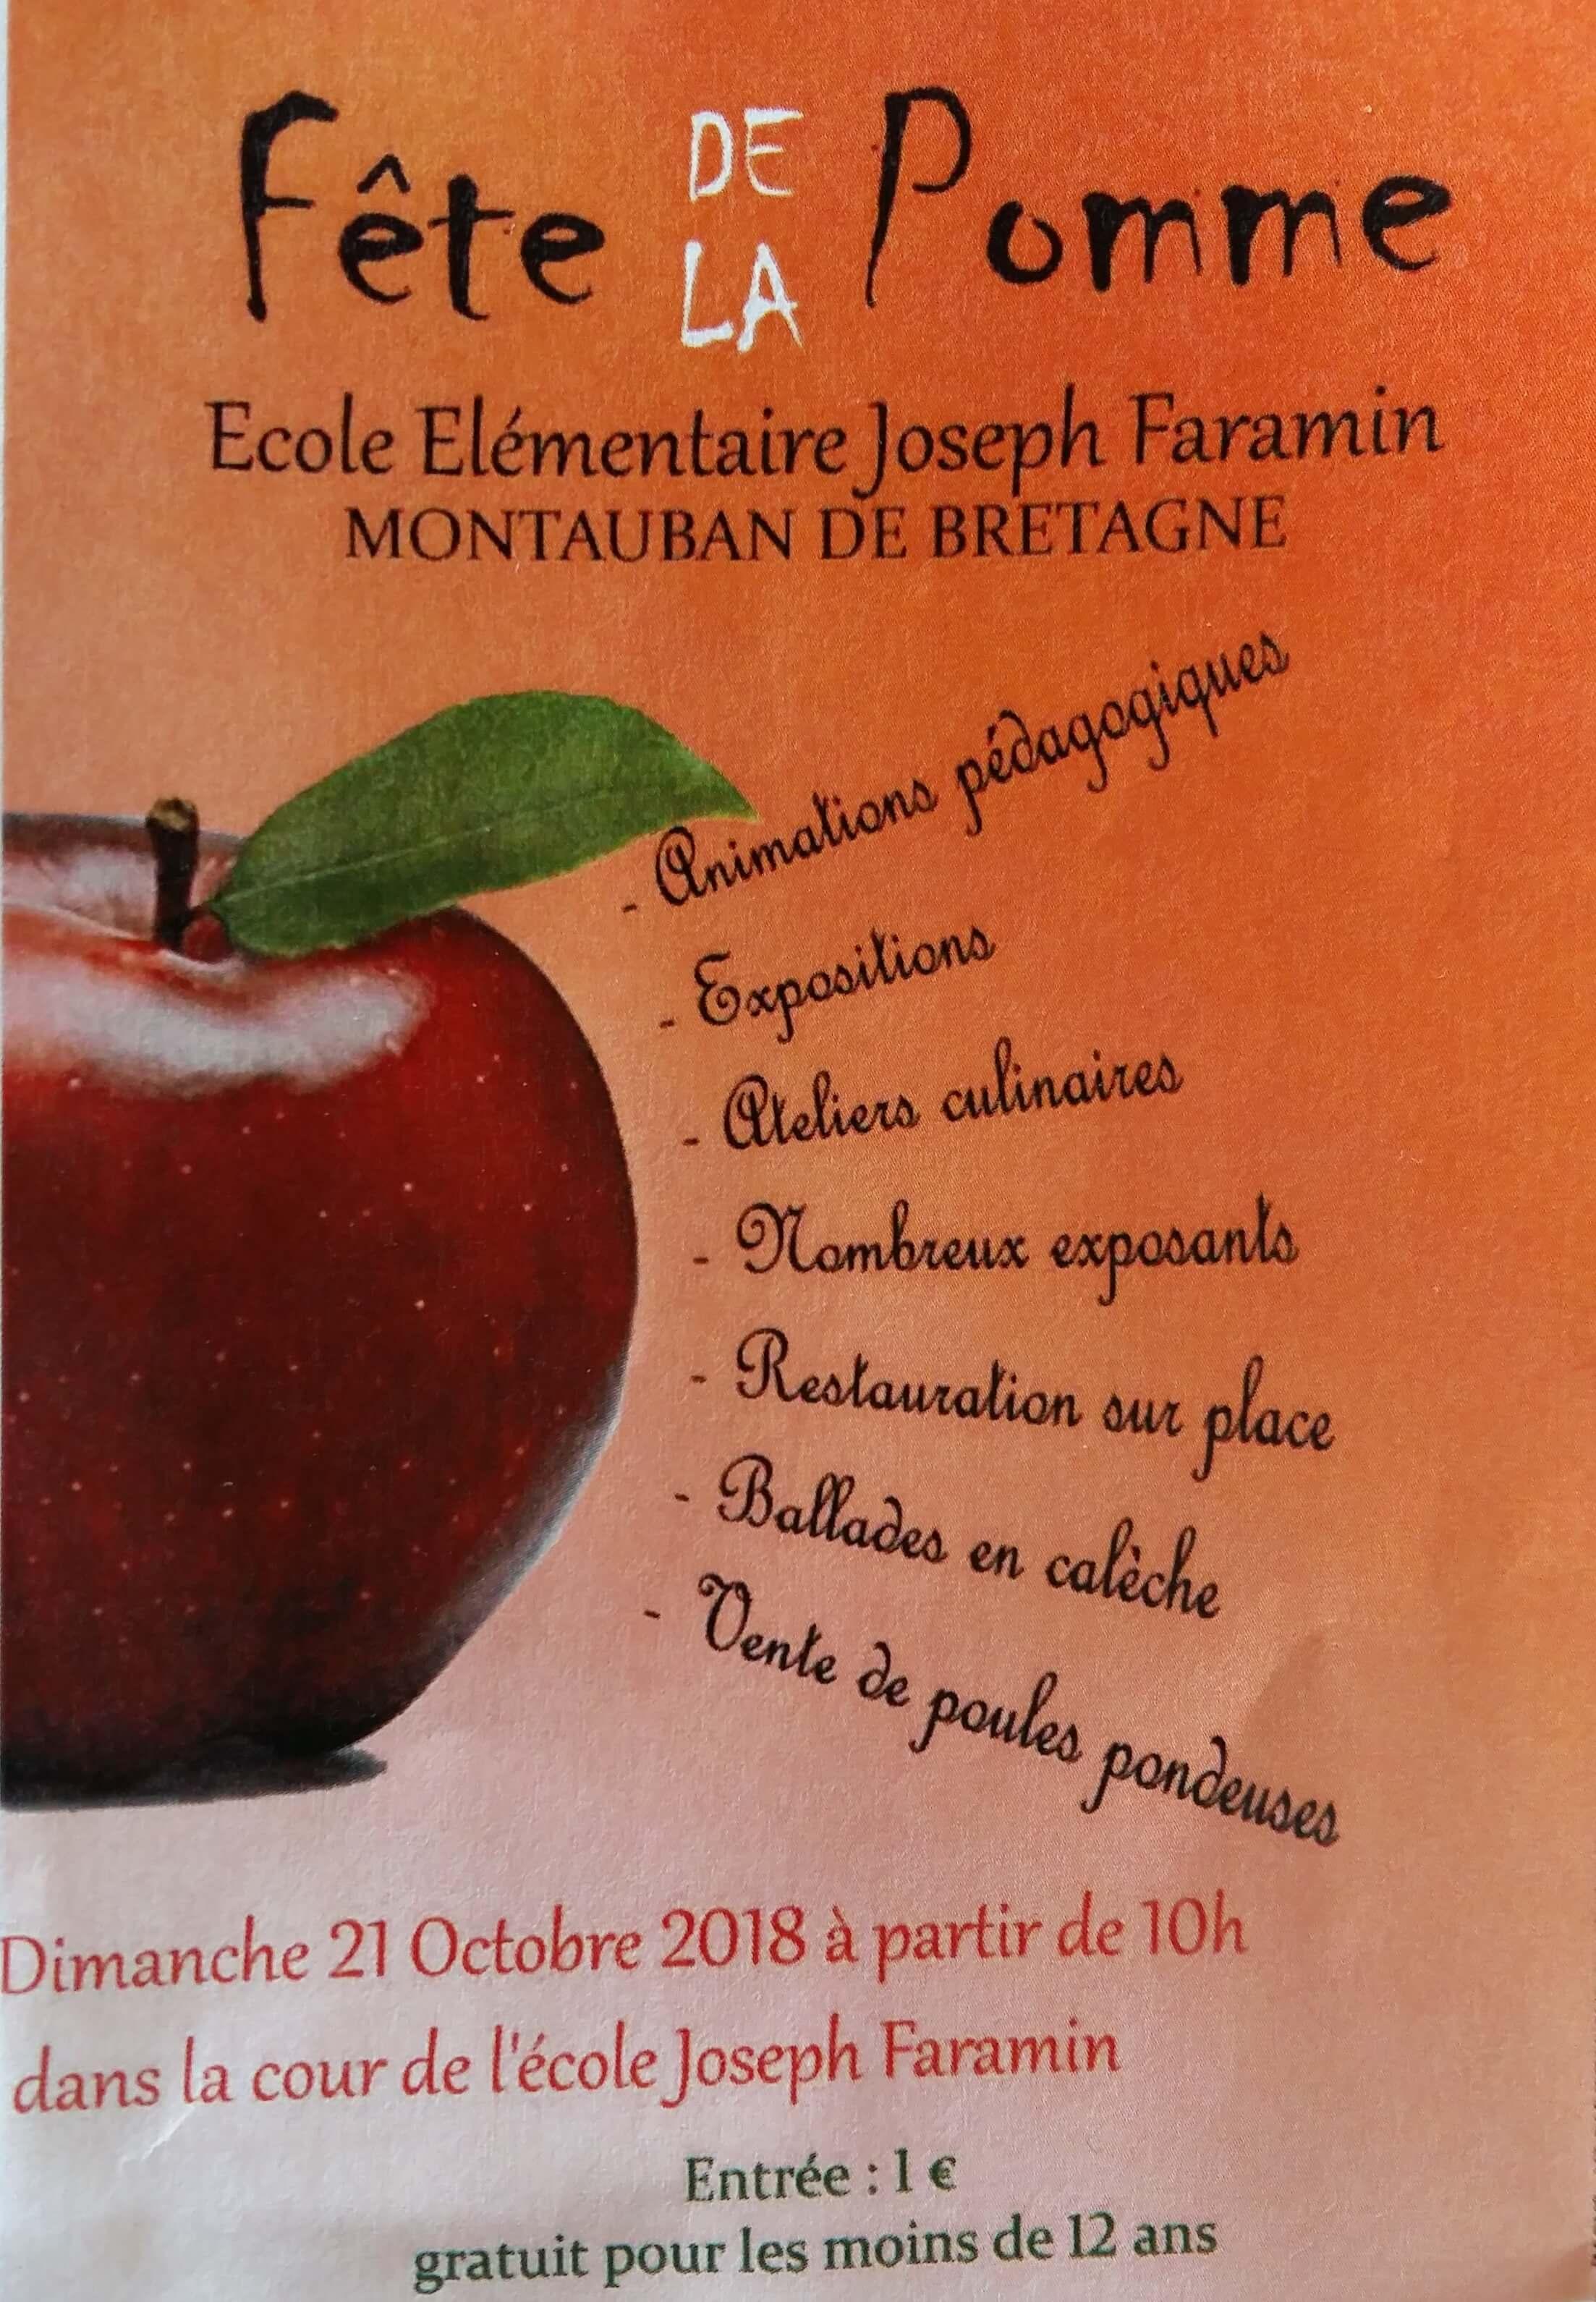 Affiche de la fête de la pomme de montauban de bretagne